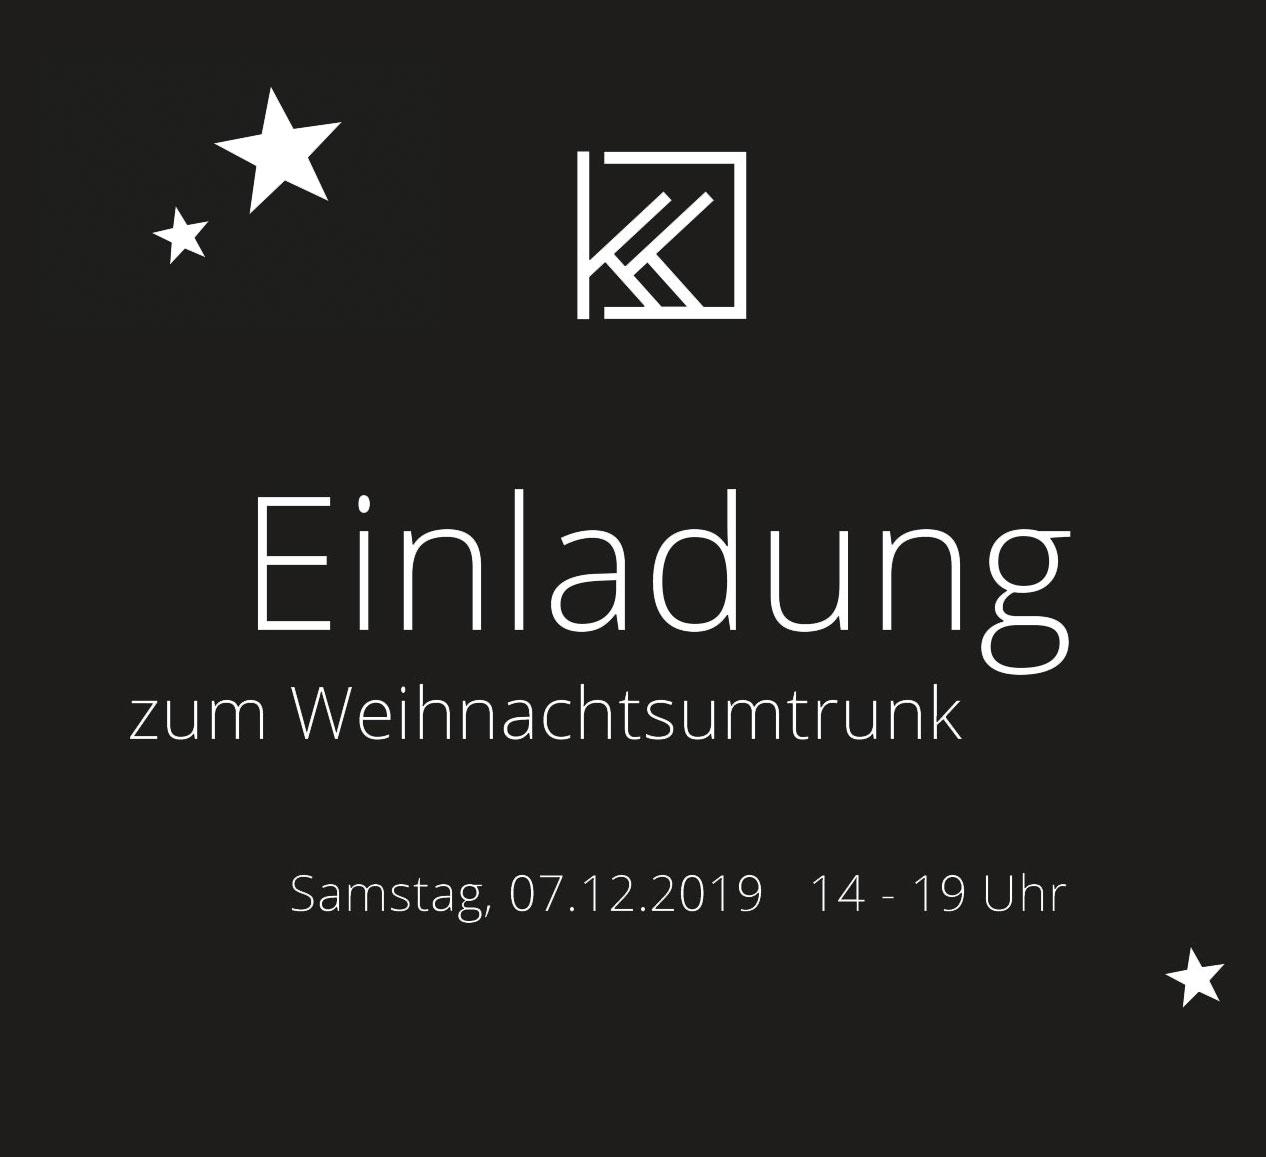 Einladung zum Weihnachtsumtrunk